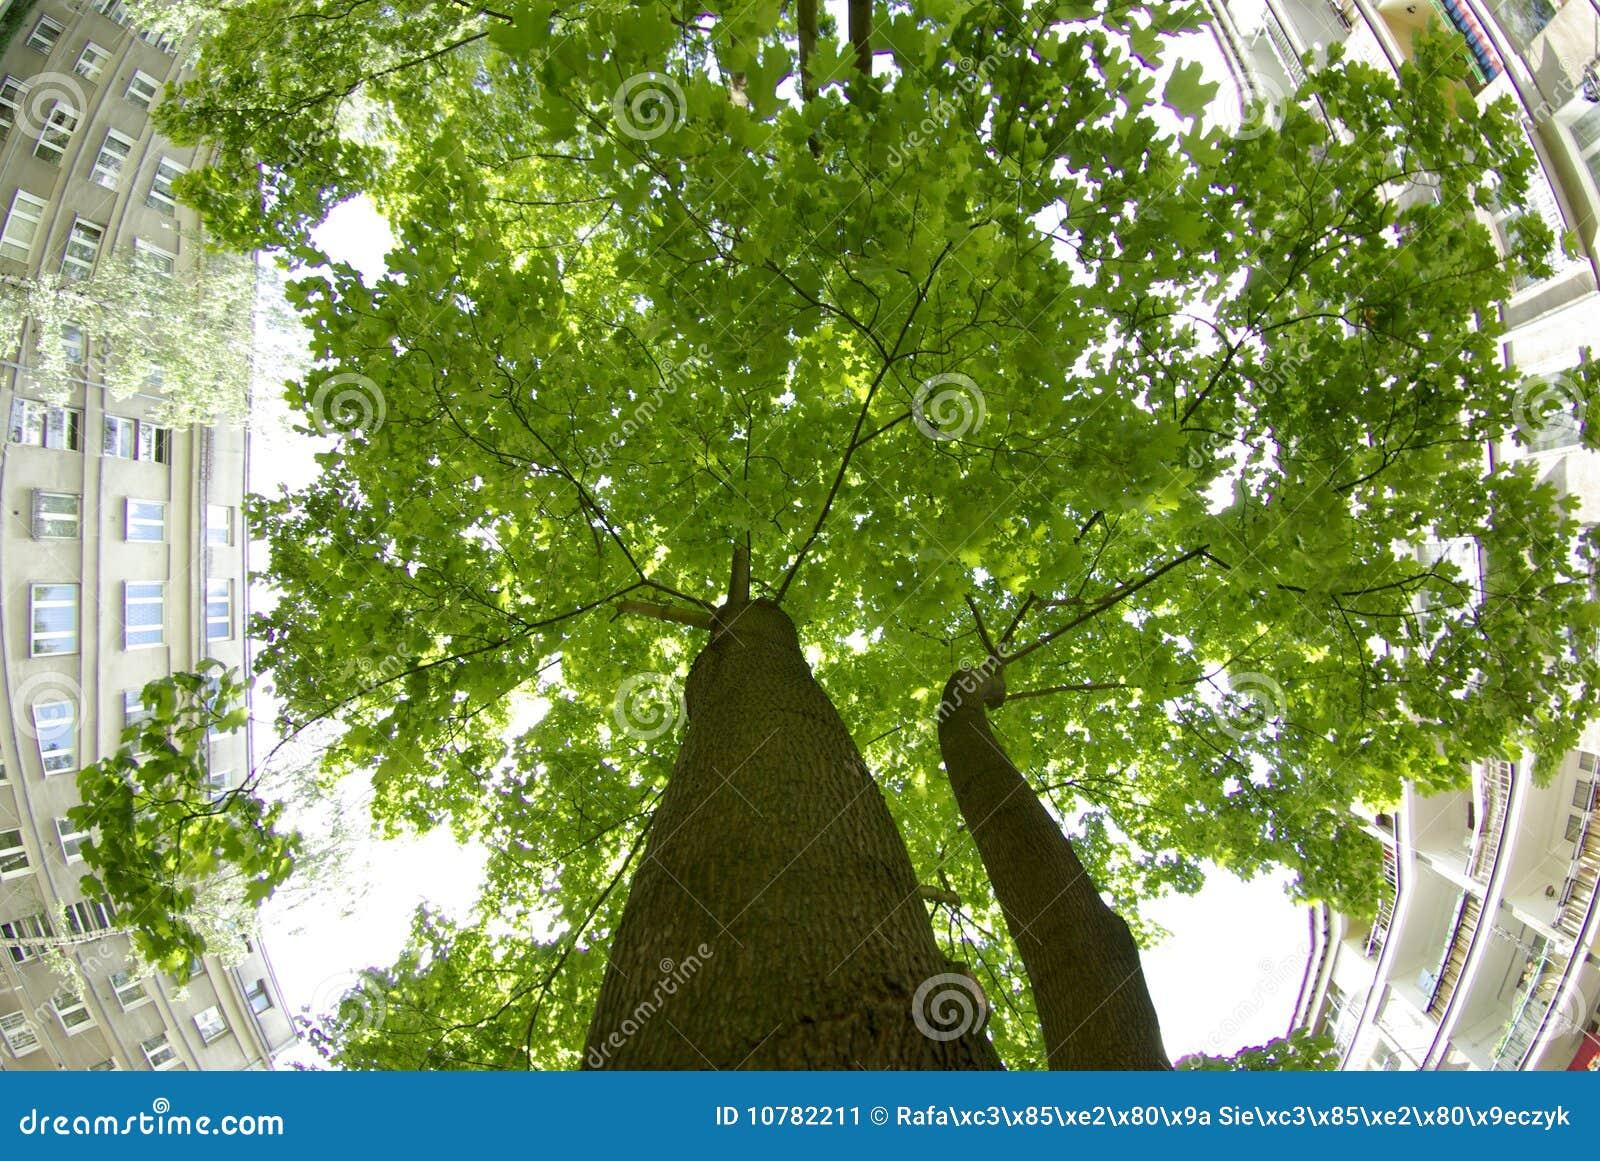 De boom van de stad